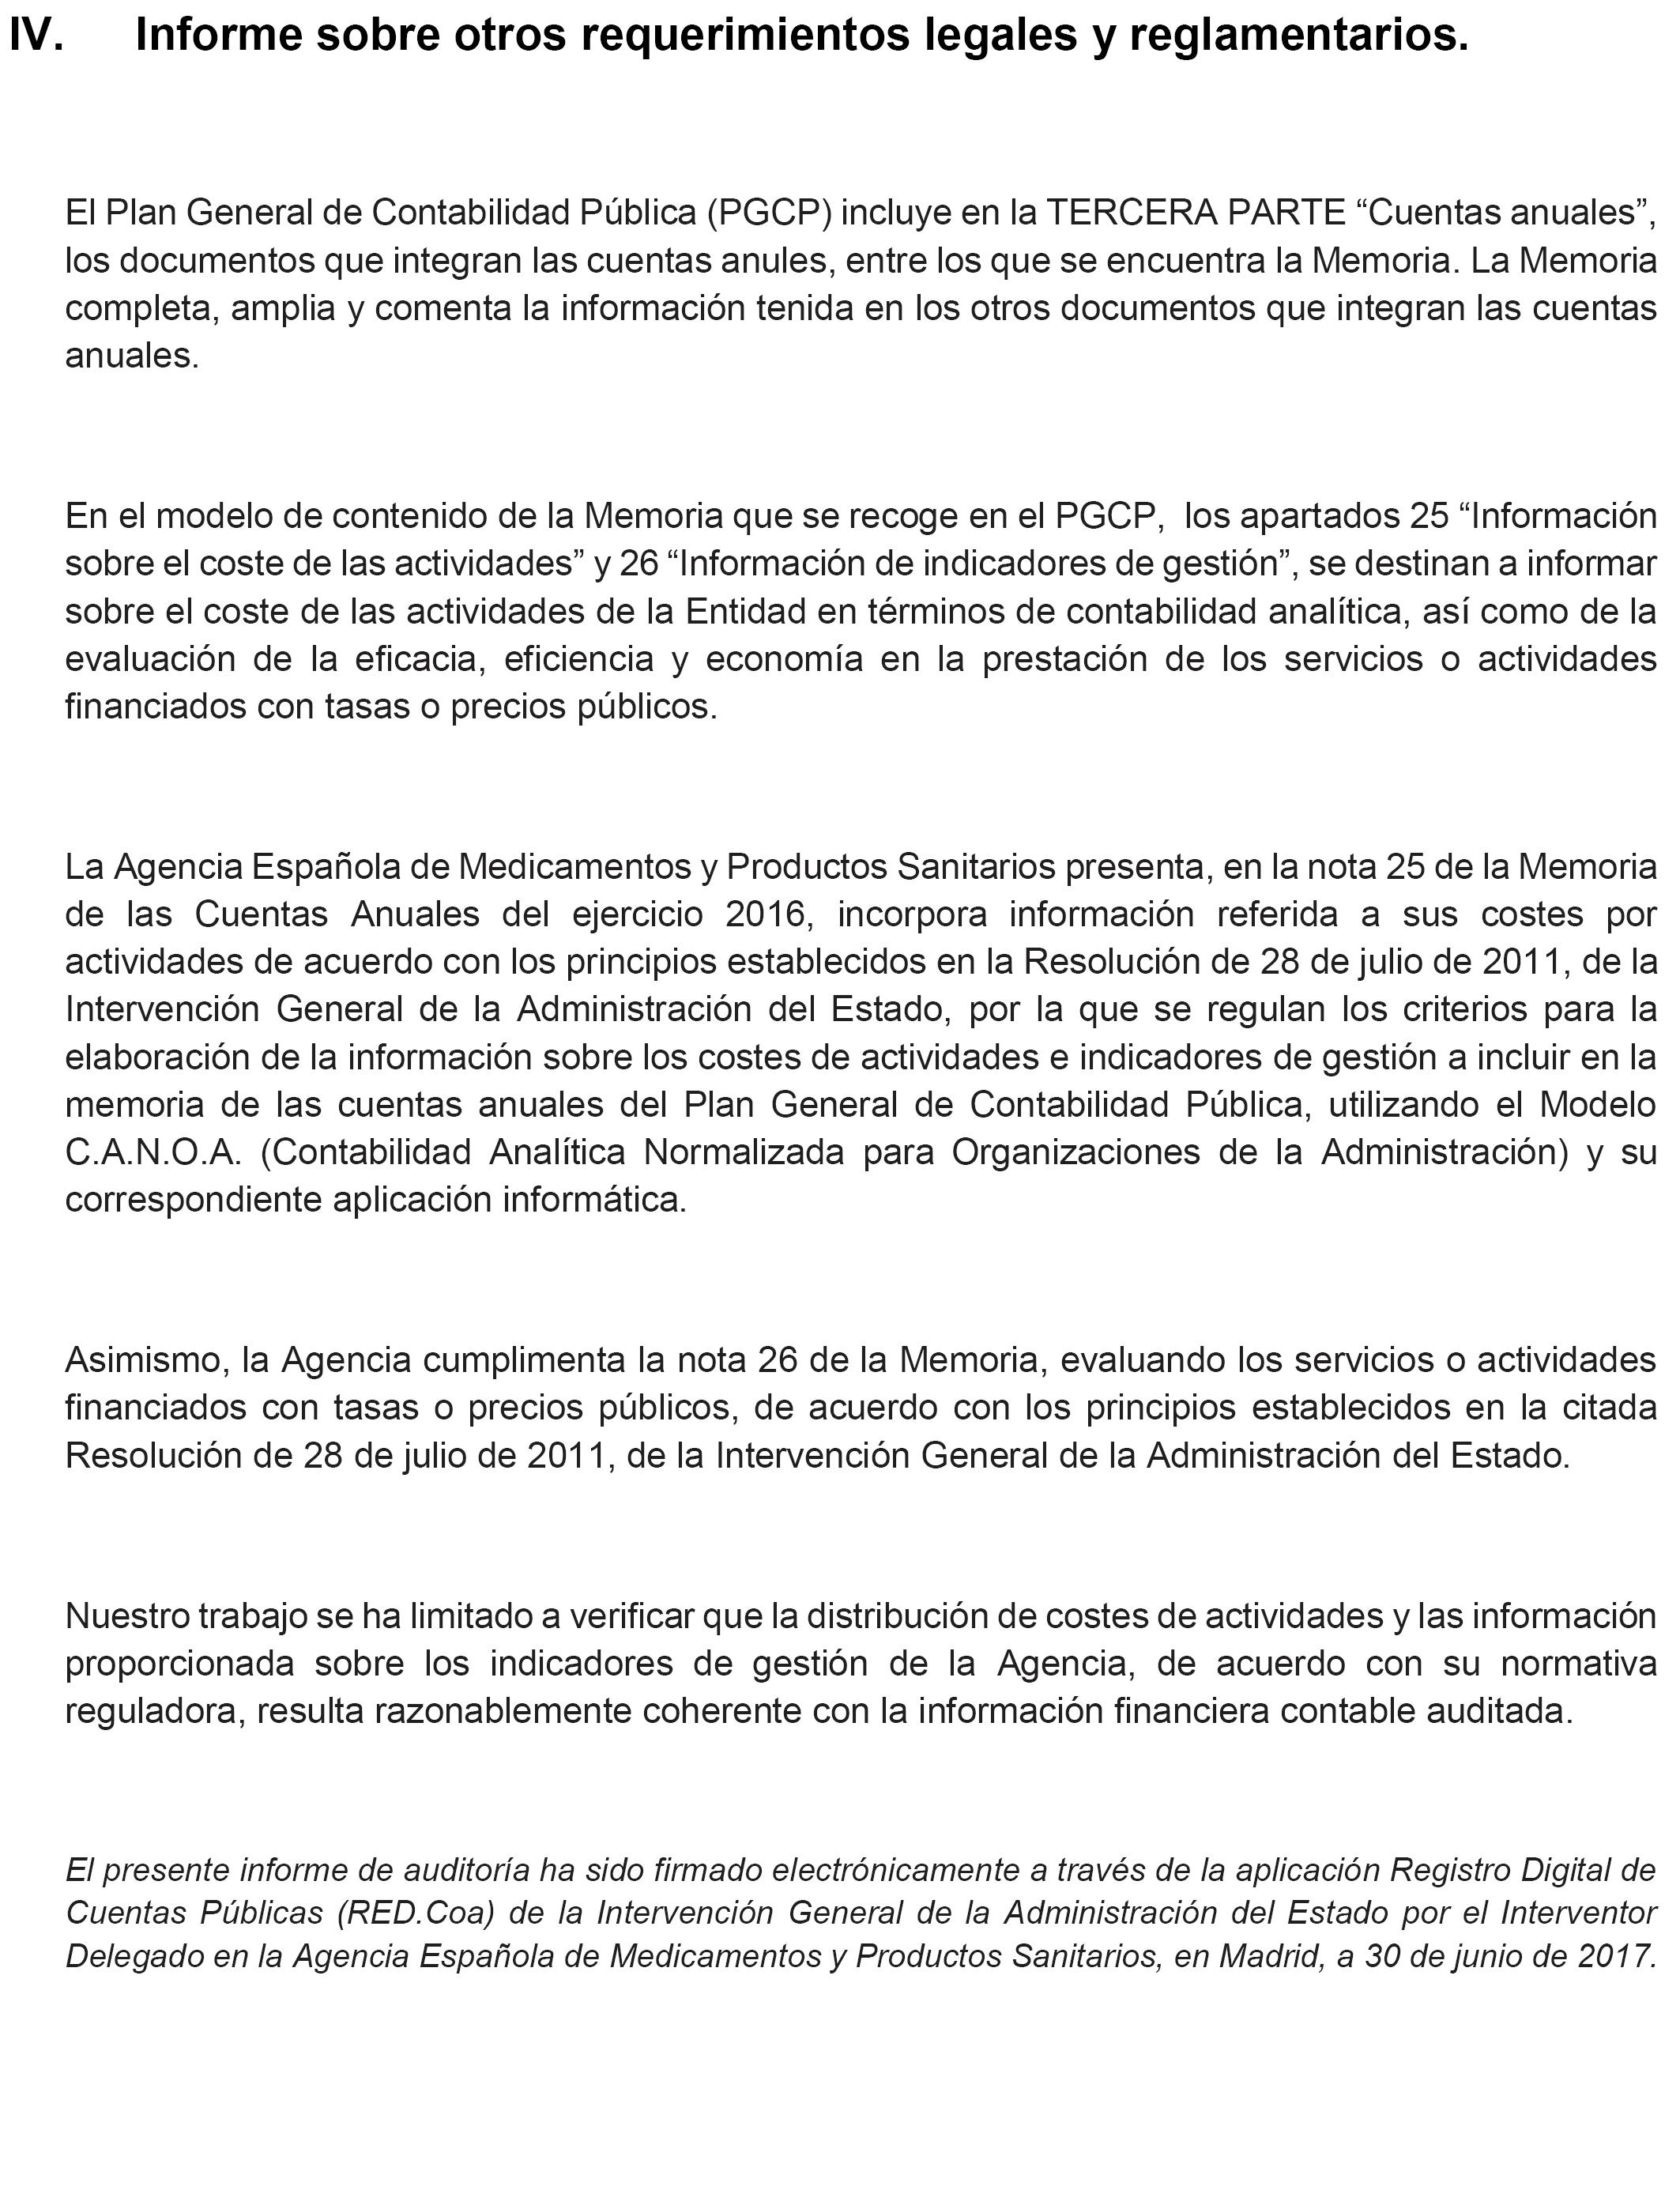 Boe Es Boe A 2017 9075 Resolución De 17 De Julio De 2017 De La Agencia Española De Medicamentos Y Productos Sanitarios Por La Que Se Publican Las Cuentas Anuales Del Ejercicio 2016 Y El